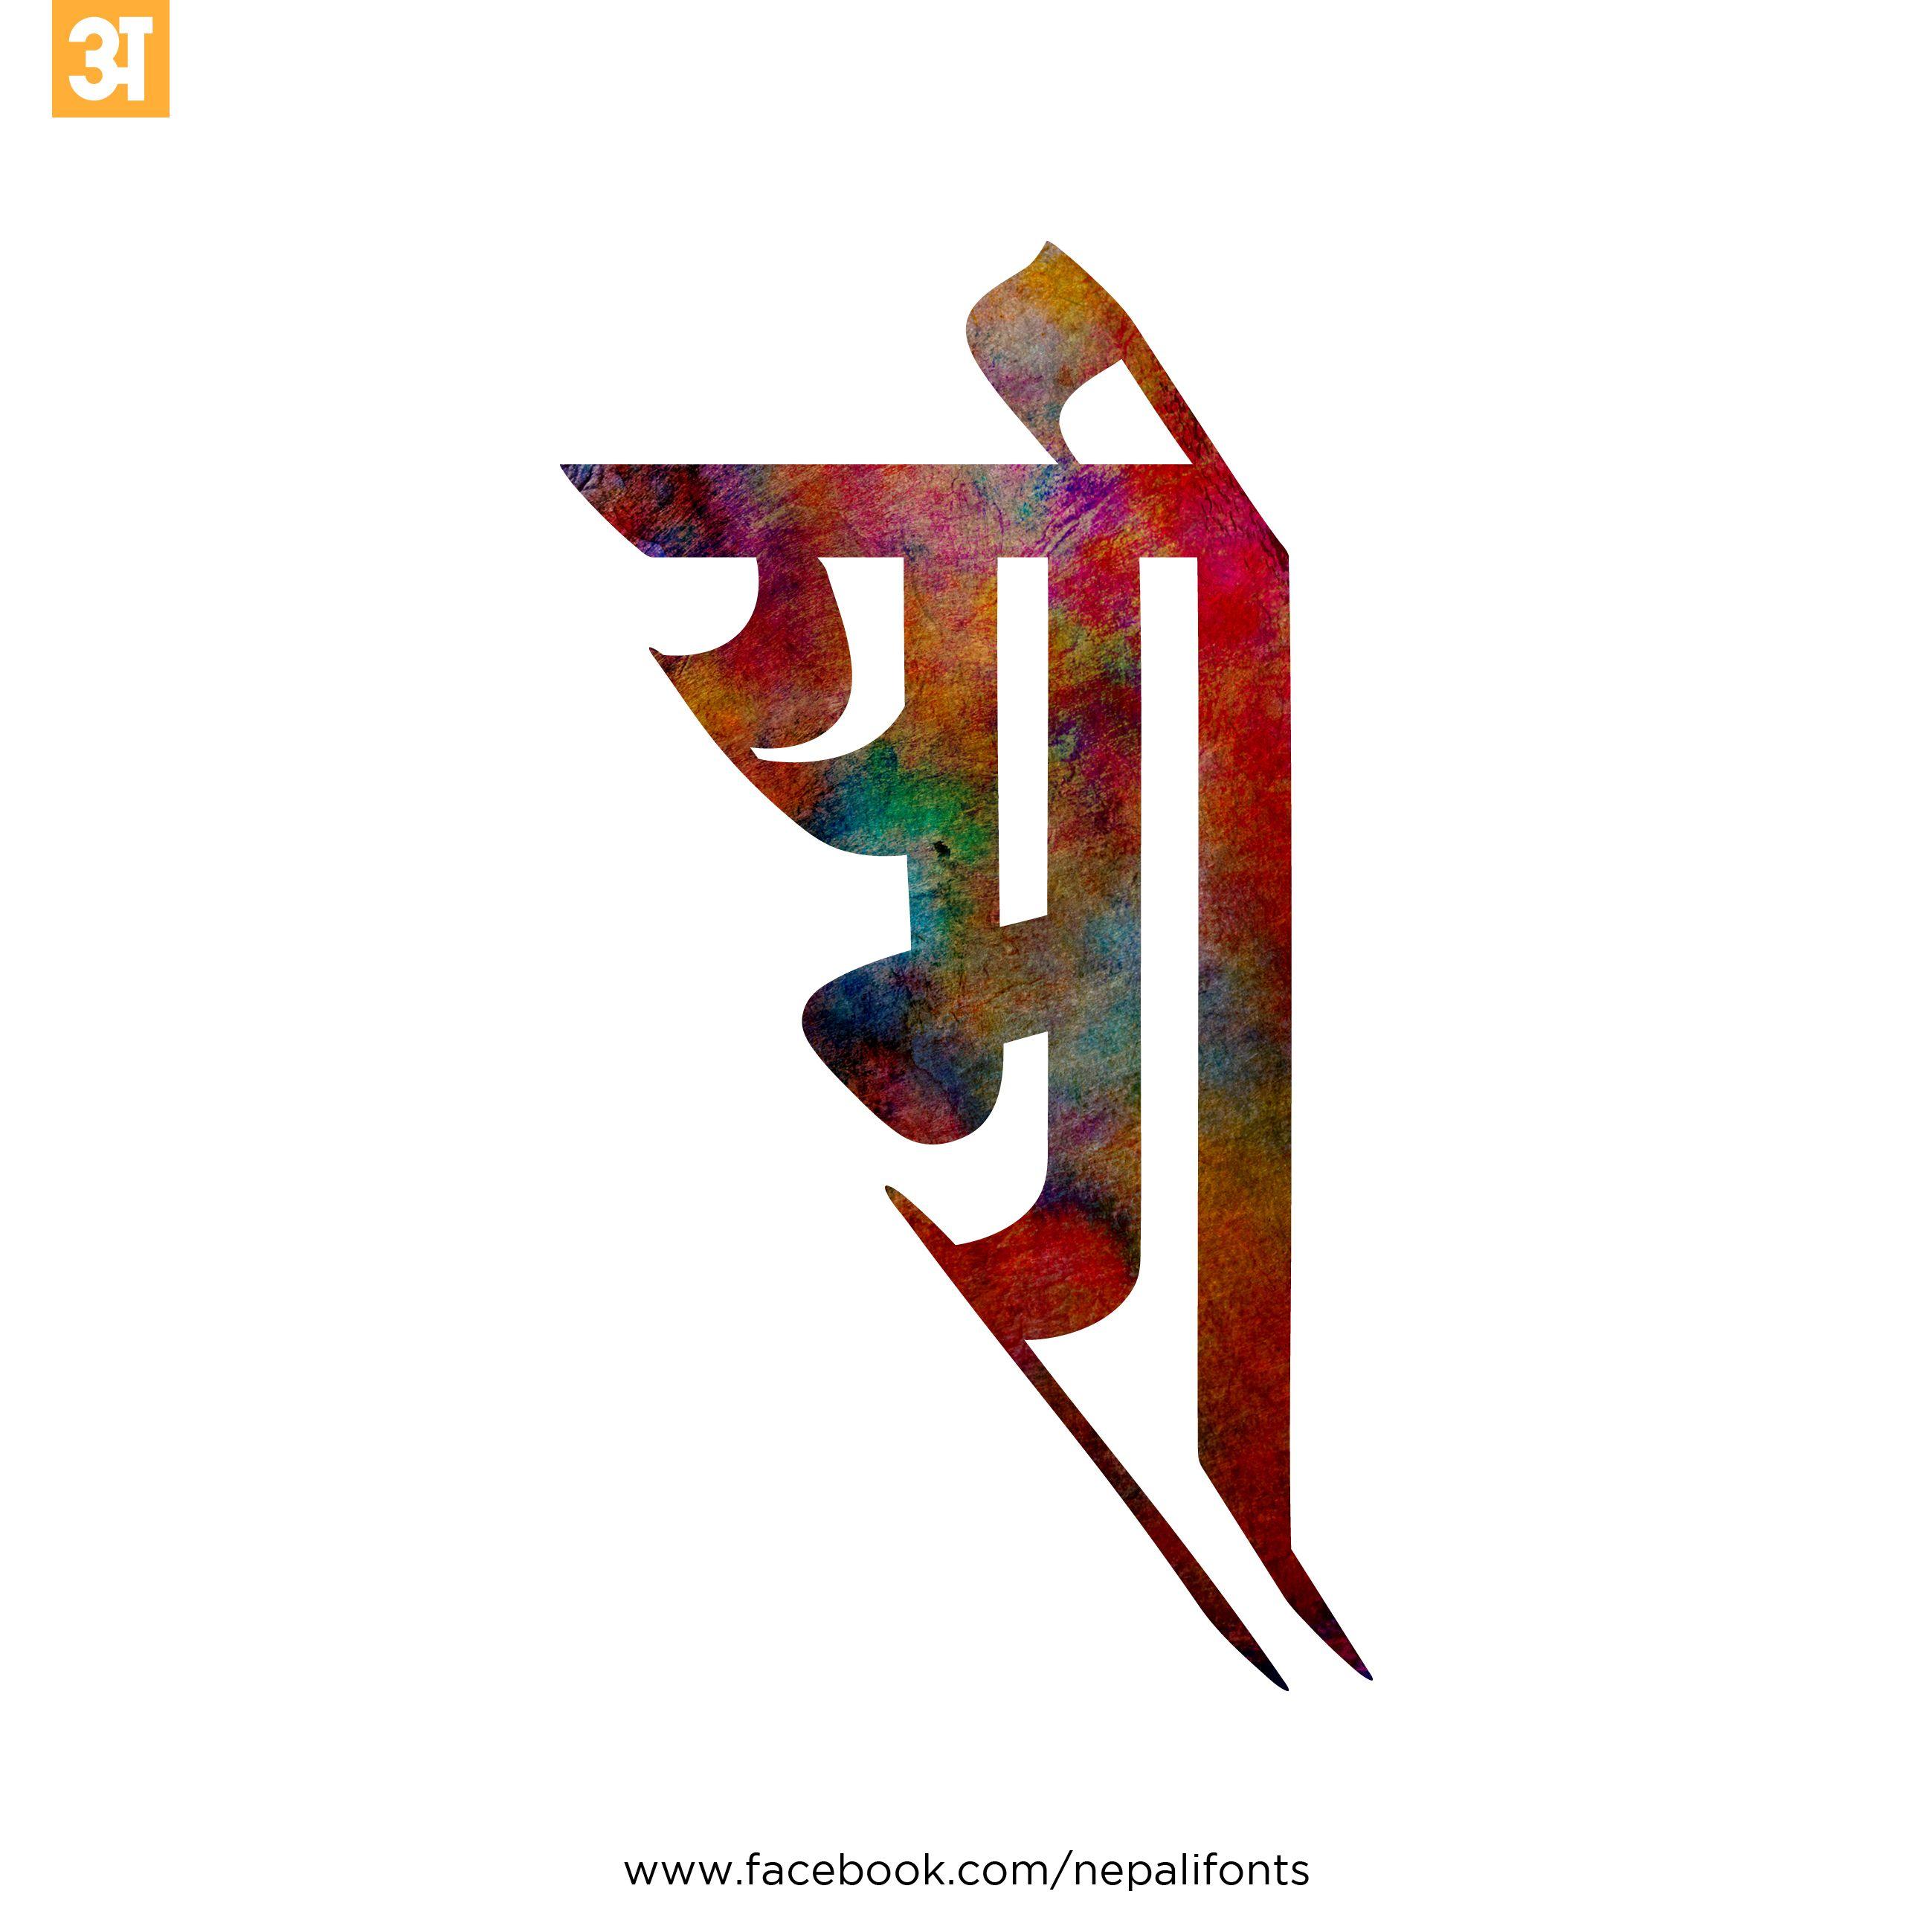 Yomari kutakshar devanagari calligraphy facebook yomari kutakshar devanagari calligraphy facebooknepalifonts buycottarizona Images